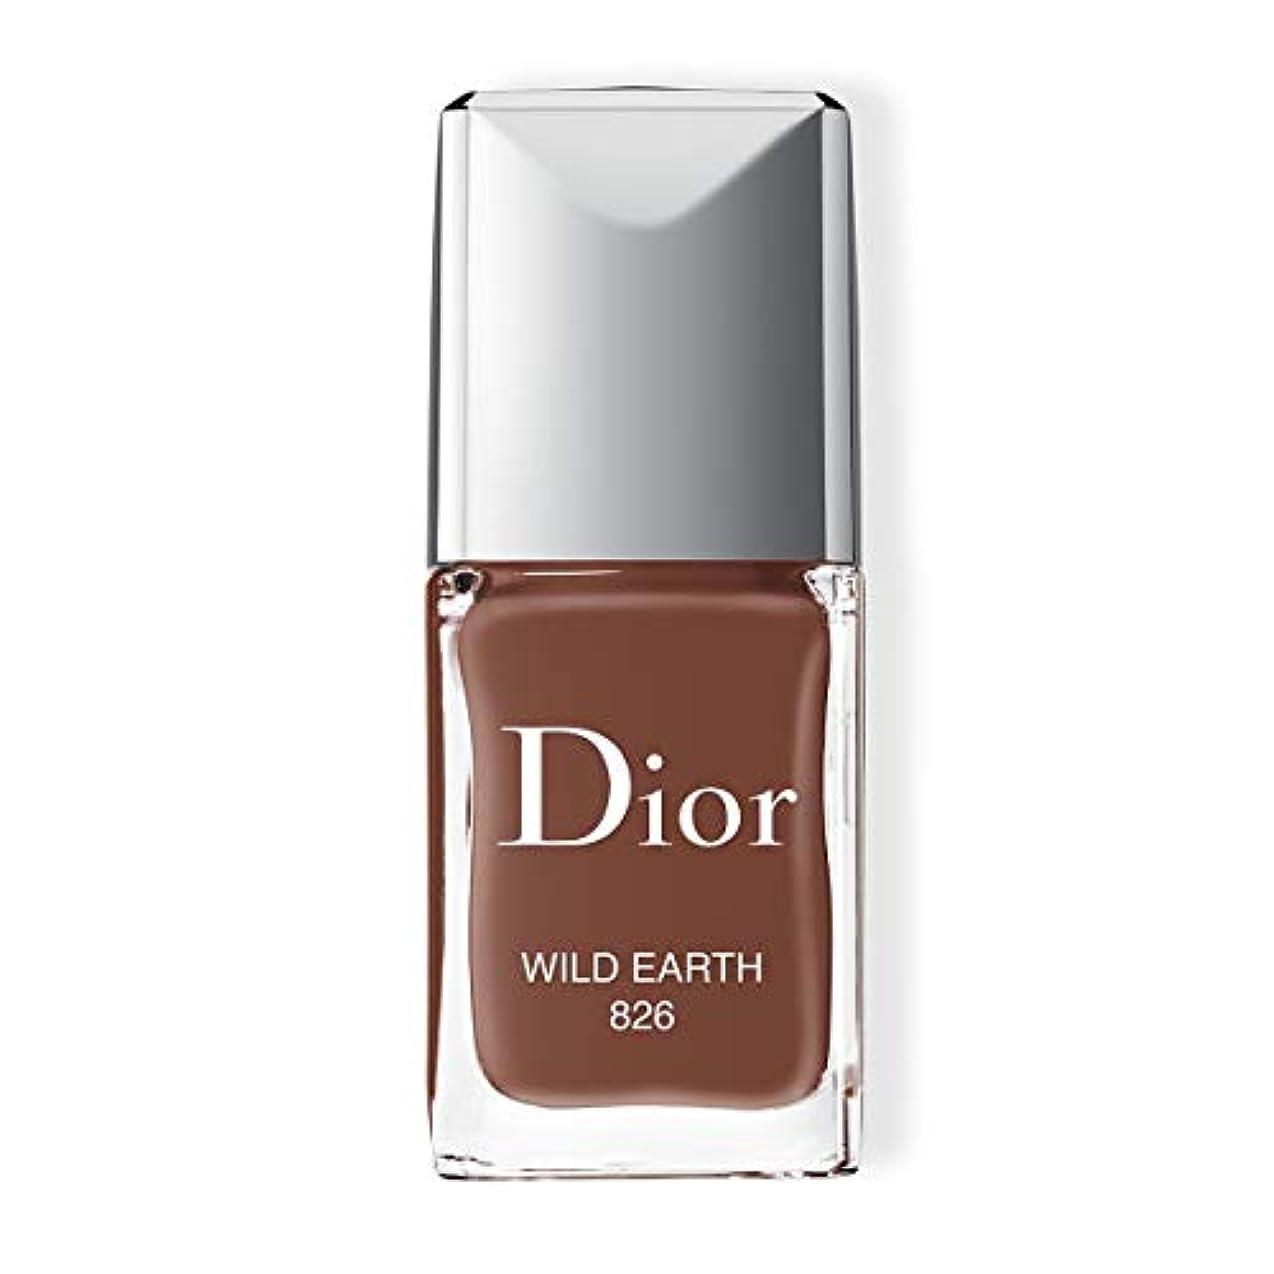 溢れんばかりの戦術長椅子Dior(ディオール) ディオール ヴェルニ (826 ワイルド アース)